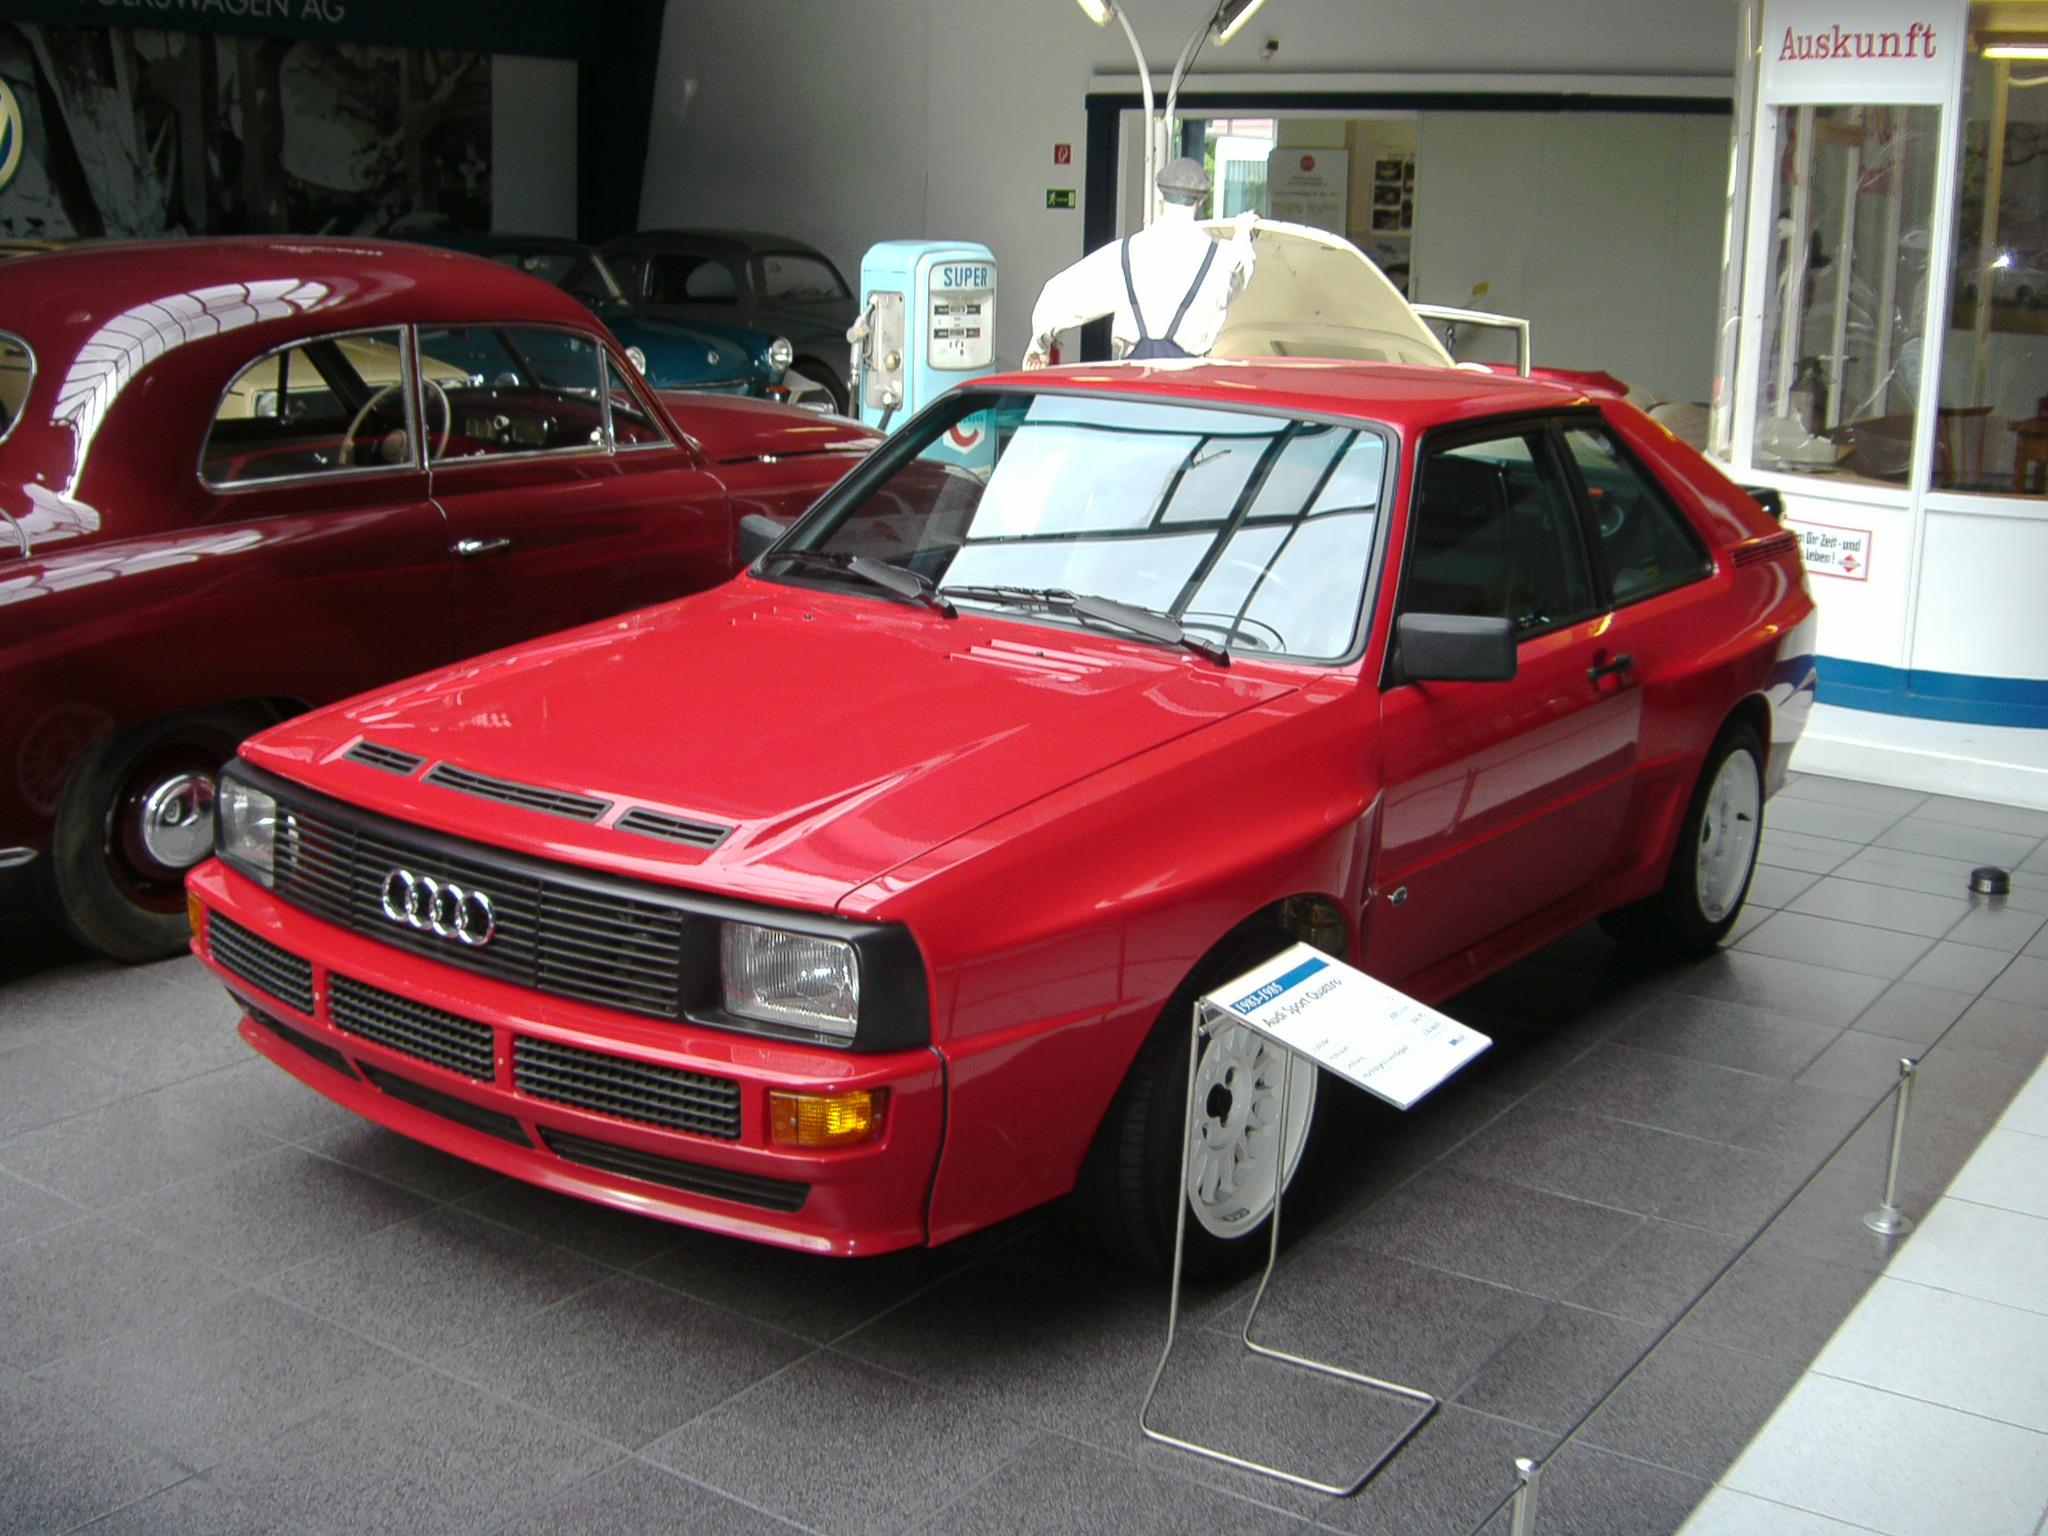 Audi_Urquattro_im_EFA-Museum_f%C3%BCr_De